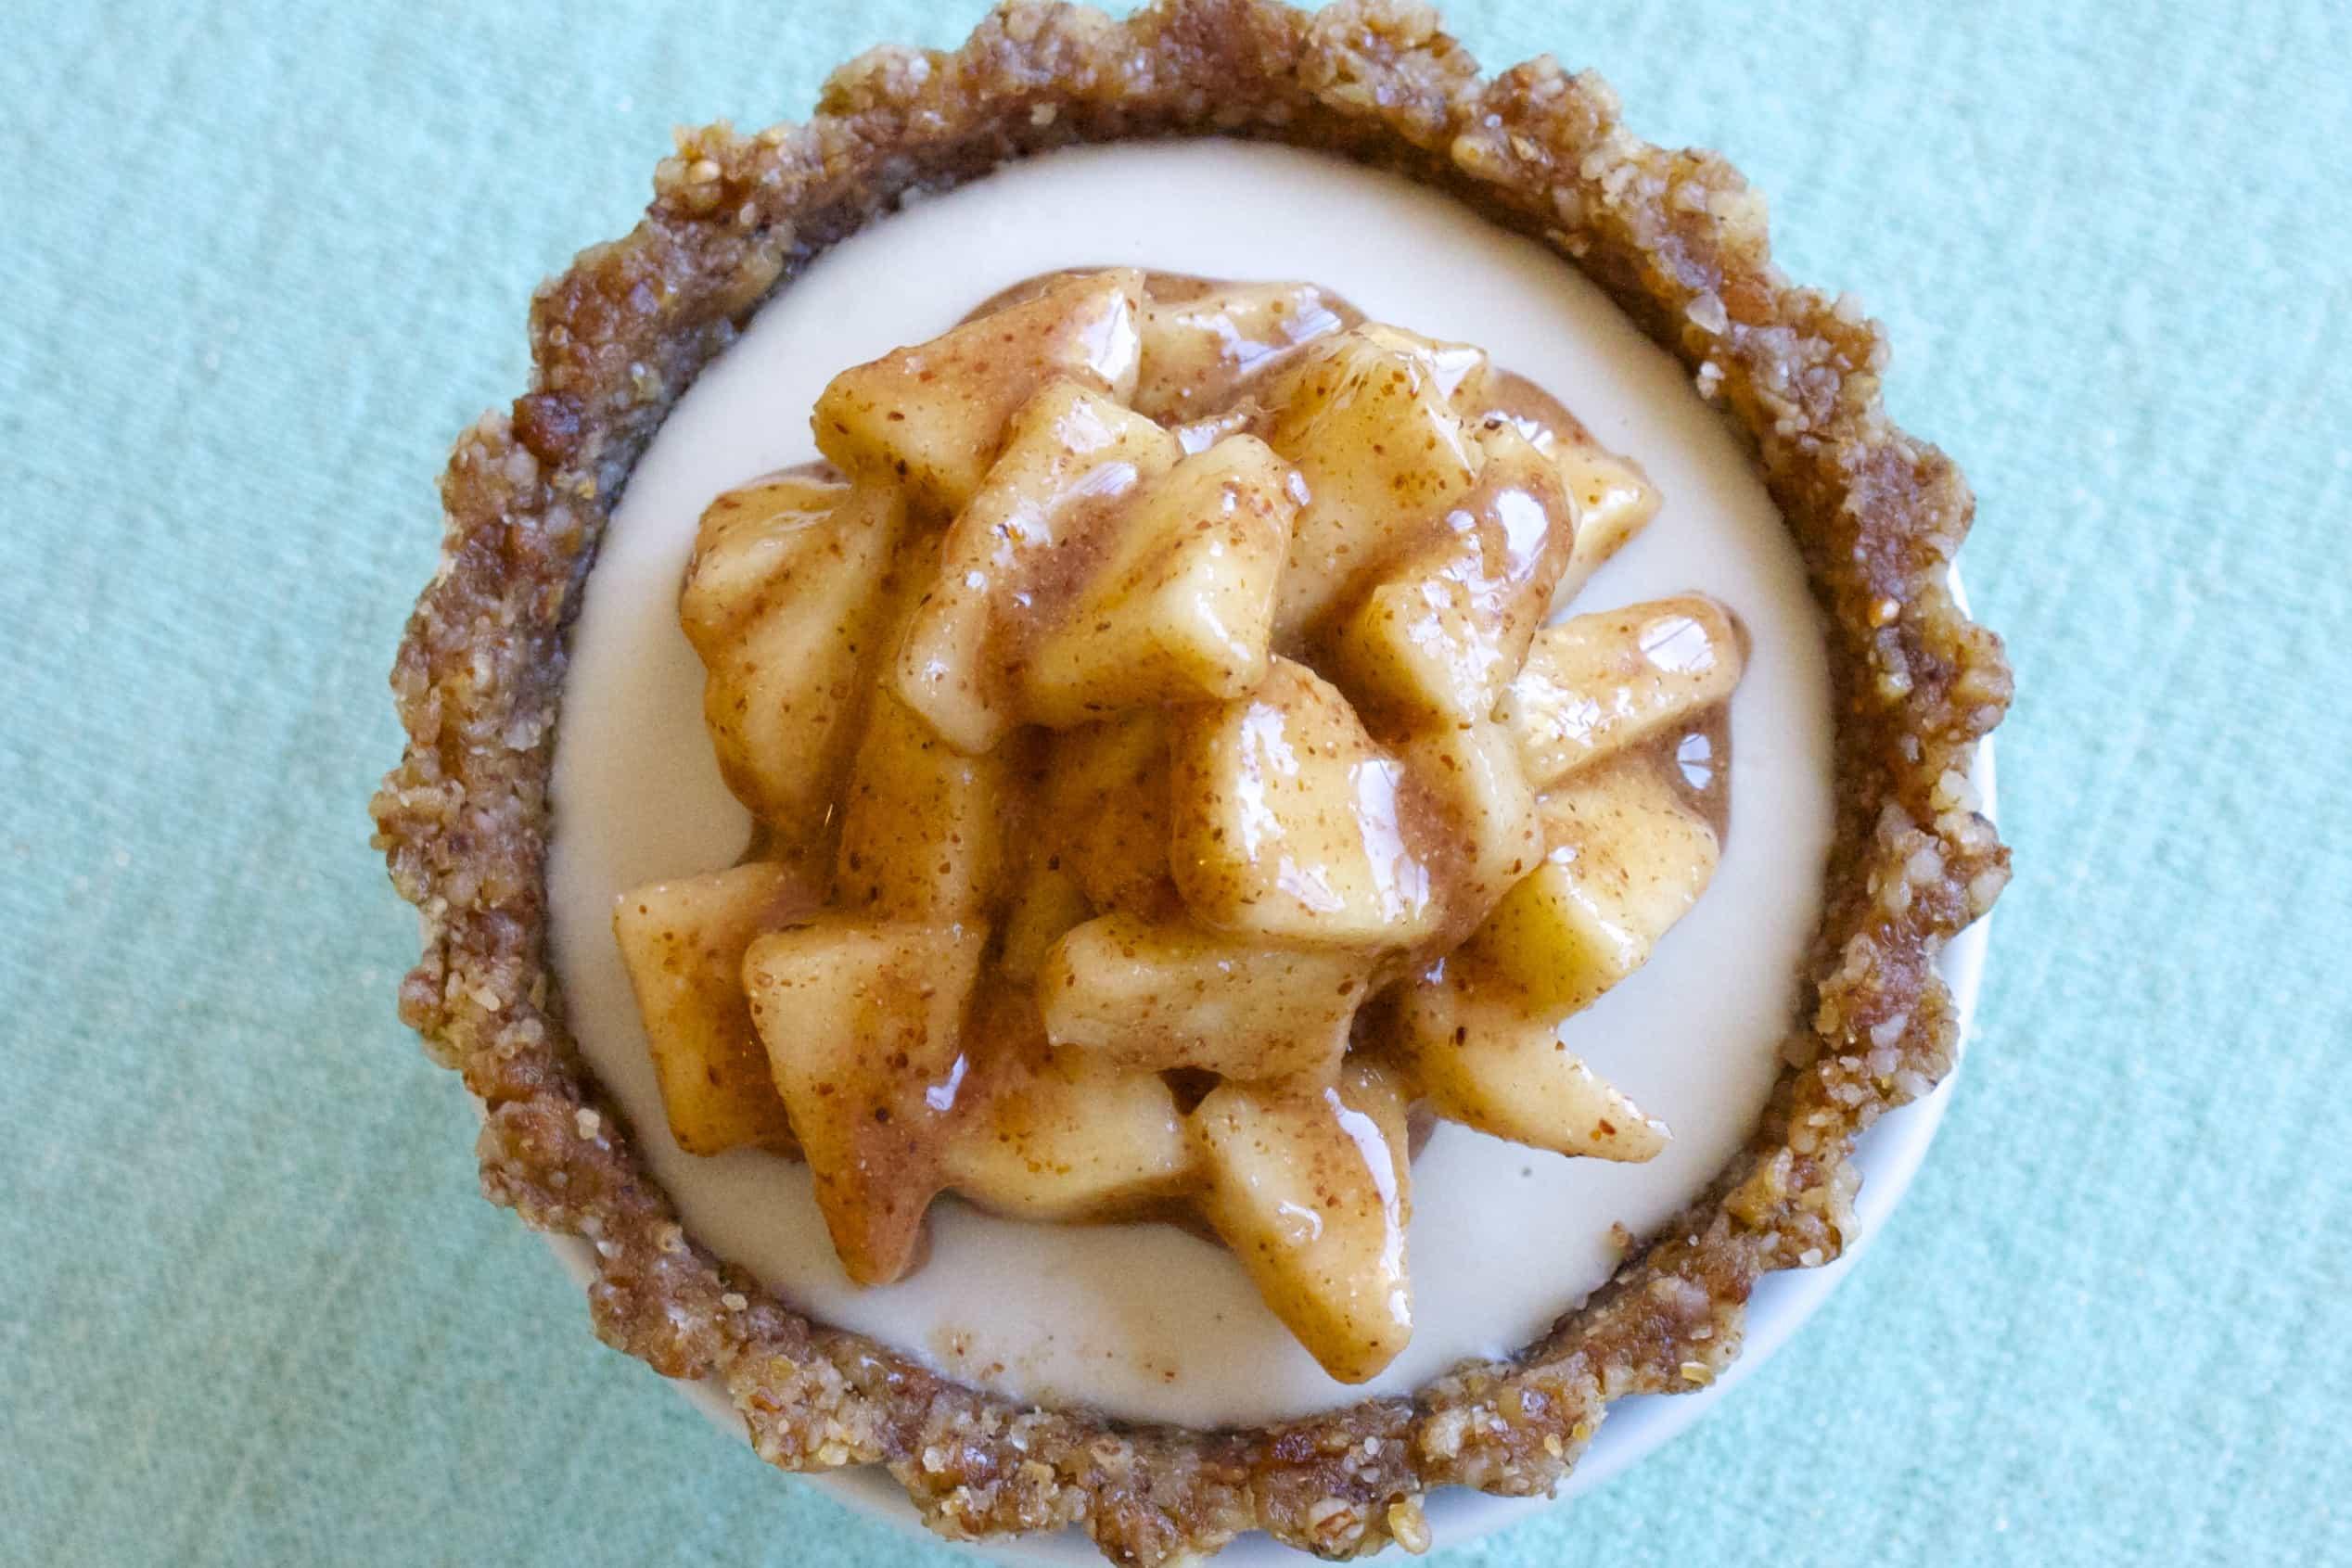 Vegan Apple Dessert  10 Raw Vegan Apple Dessert Recipes Sweetly RawSweetly Raw